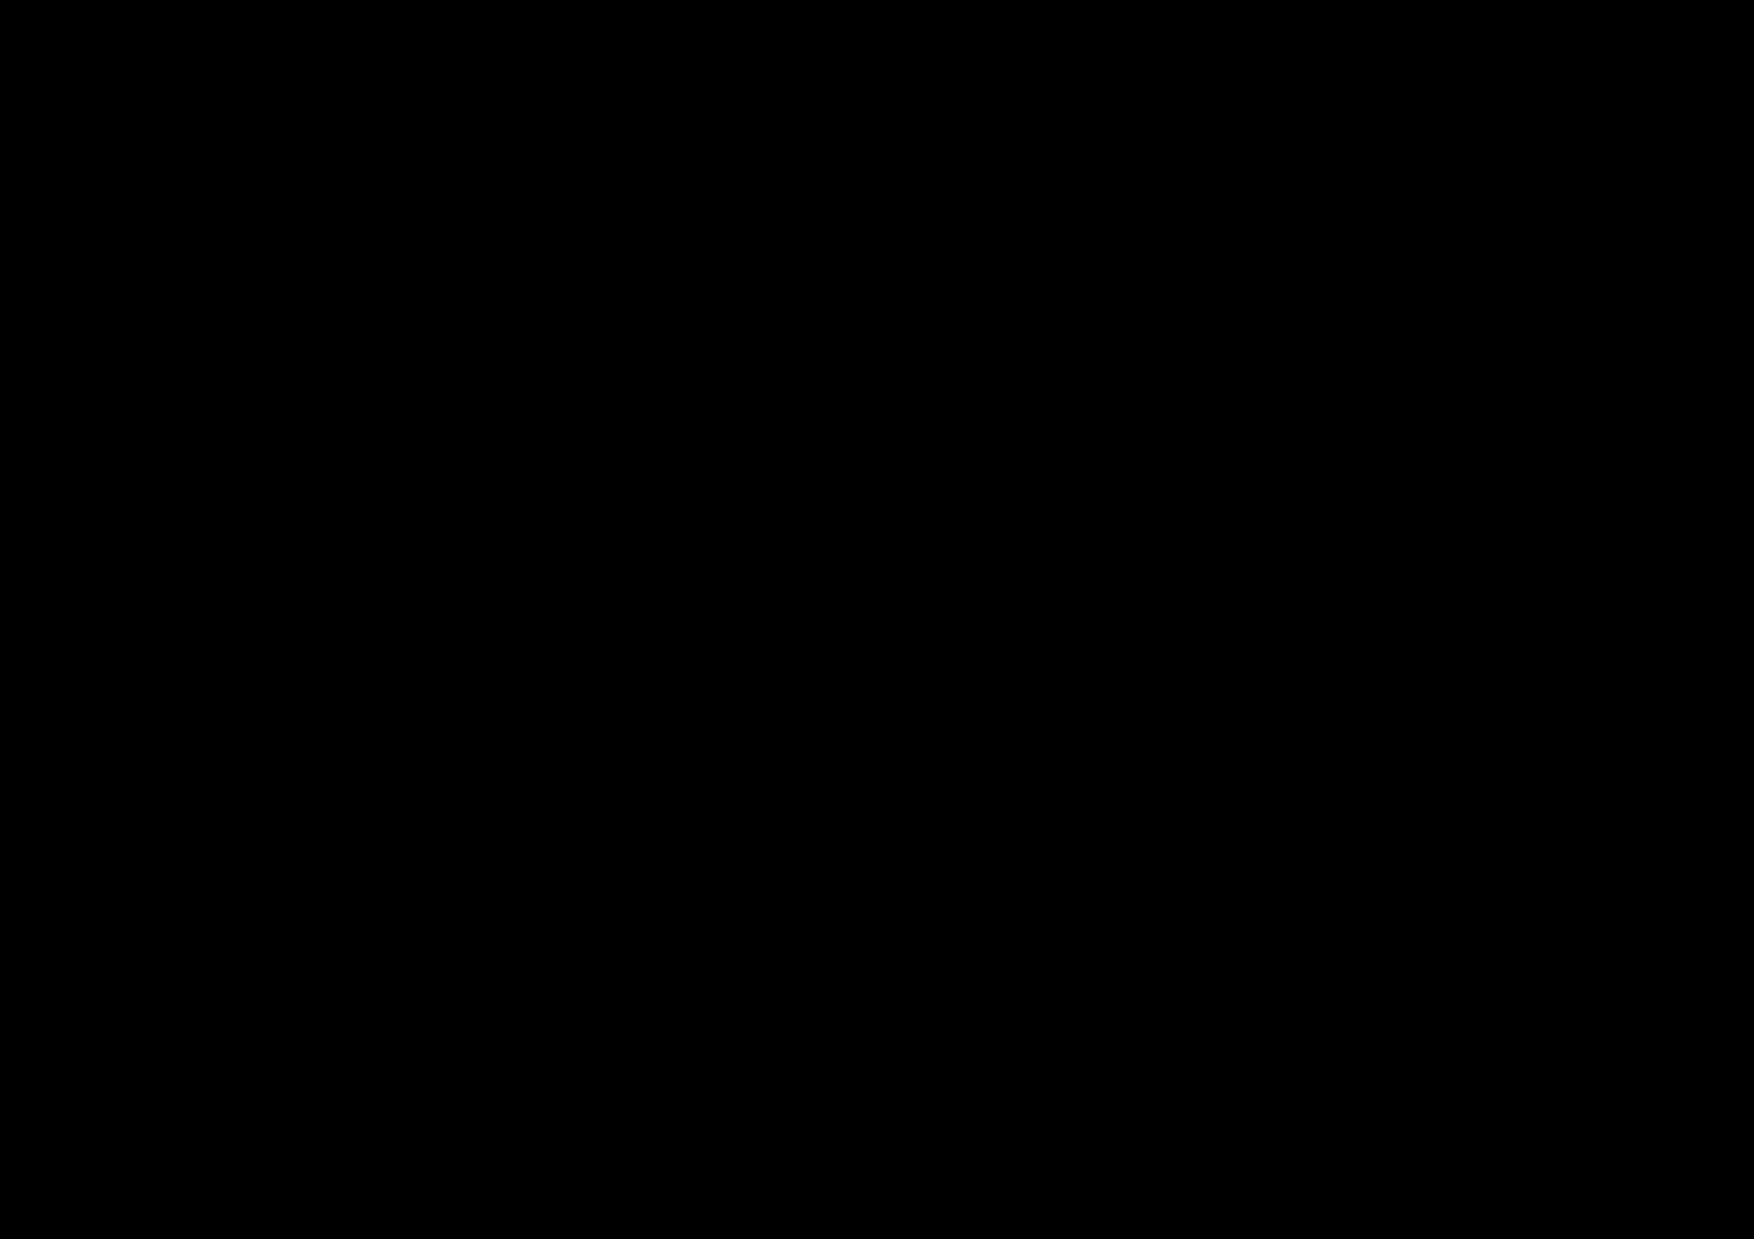 Die Kossmann Kurz- und 3/4 Tights mit 5 Taschen